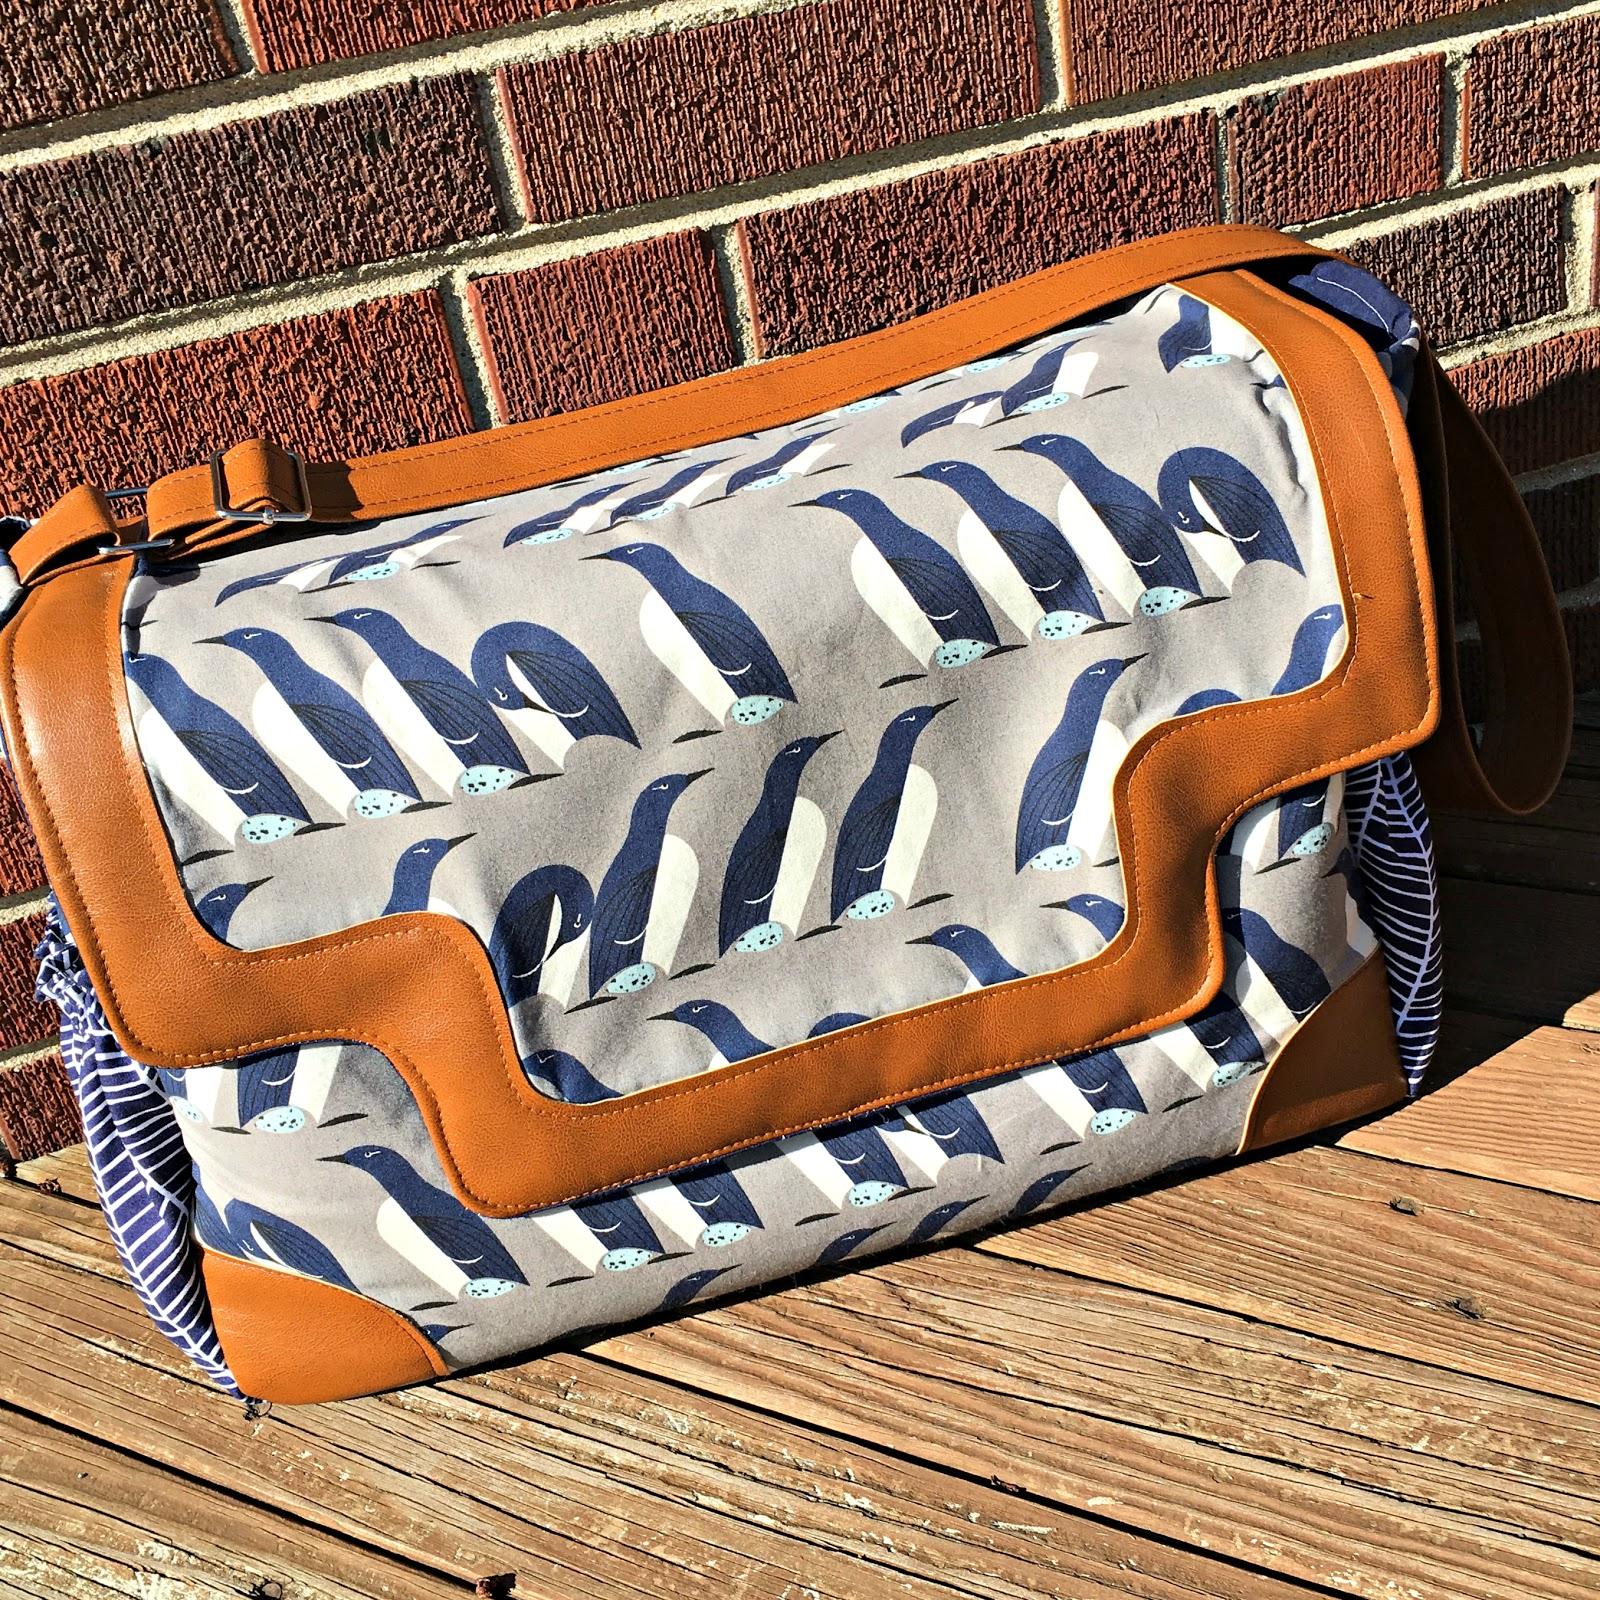 Sew Sweetness Lilium Laptop Bag pattern hack